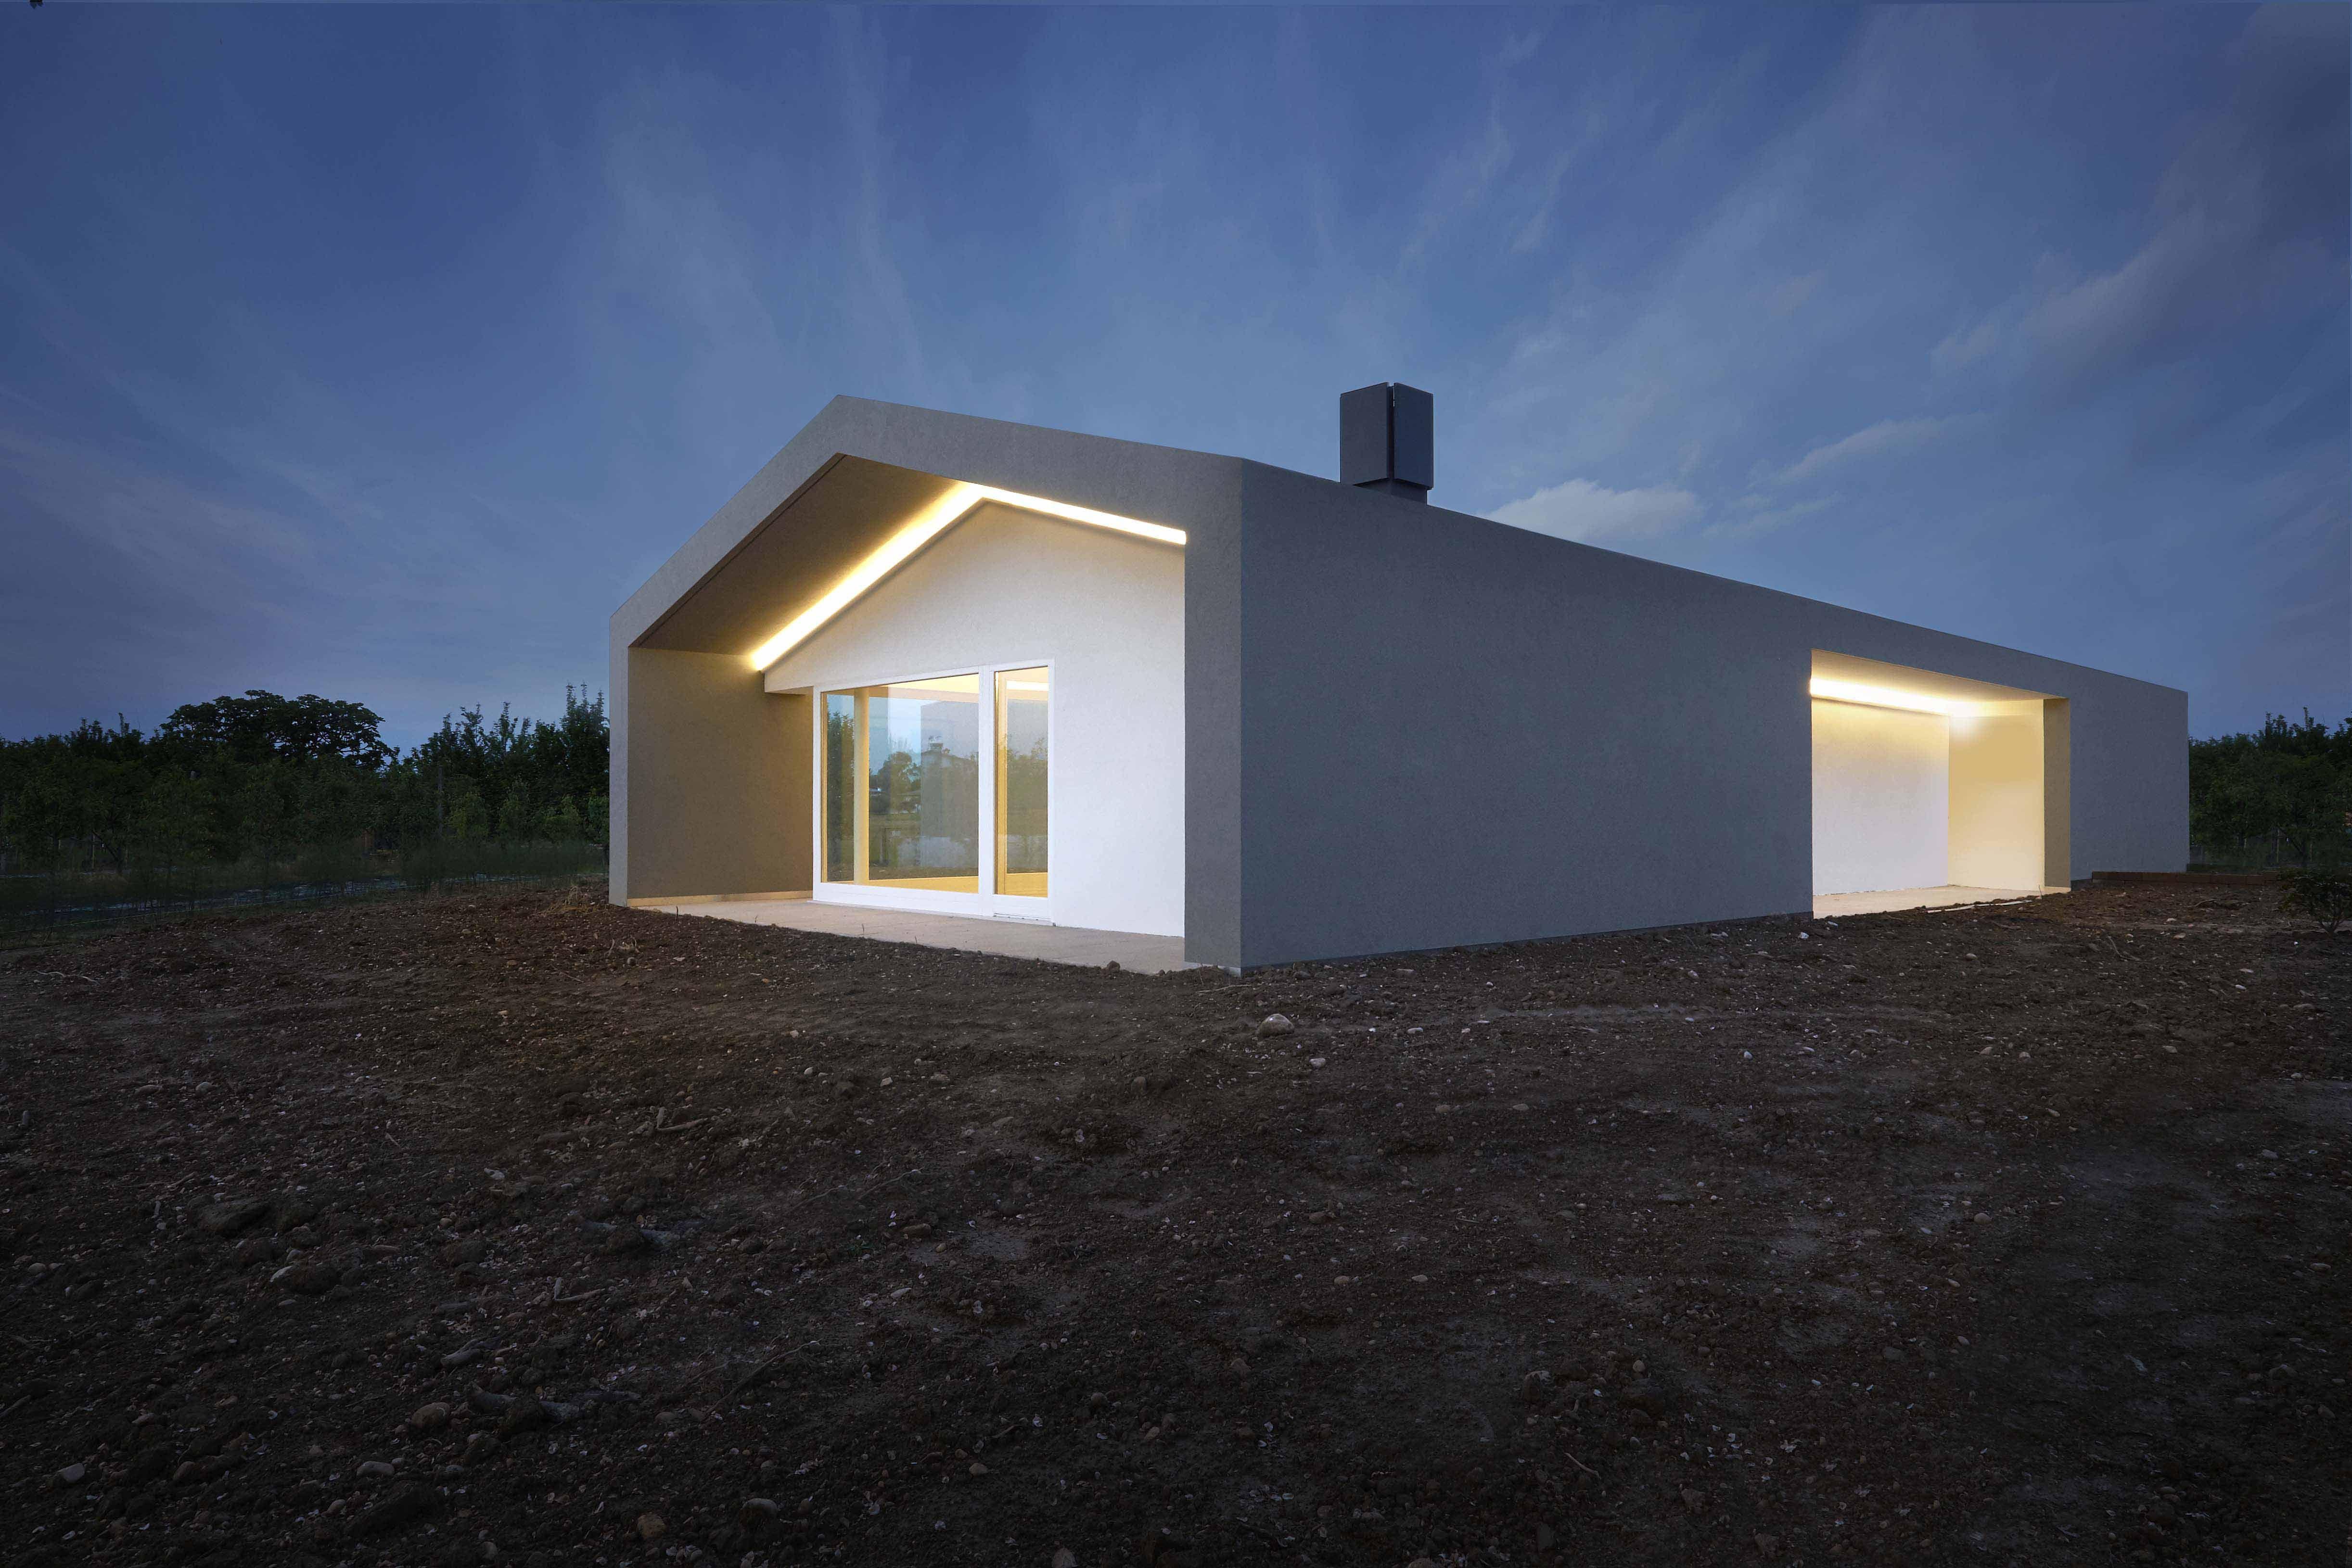 Green house studio 67 studio di architettura vicenza for Case moderne contemporanee